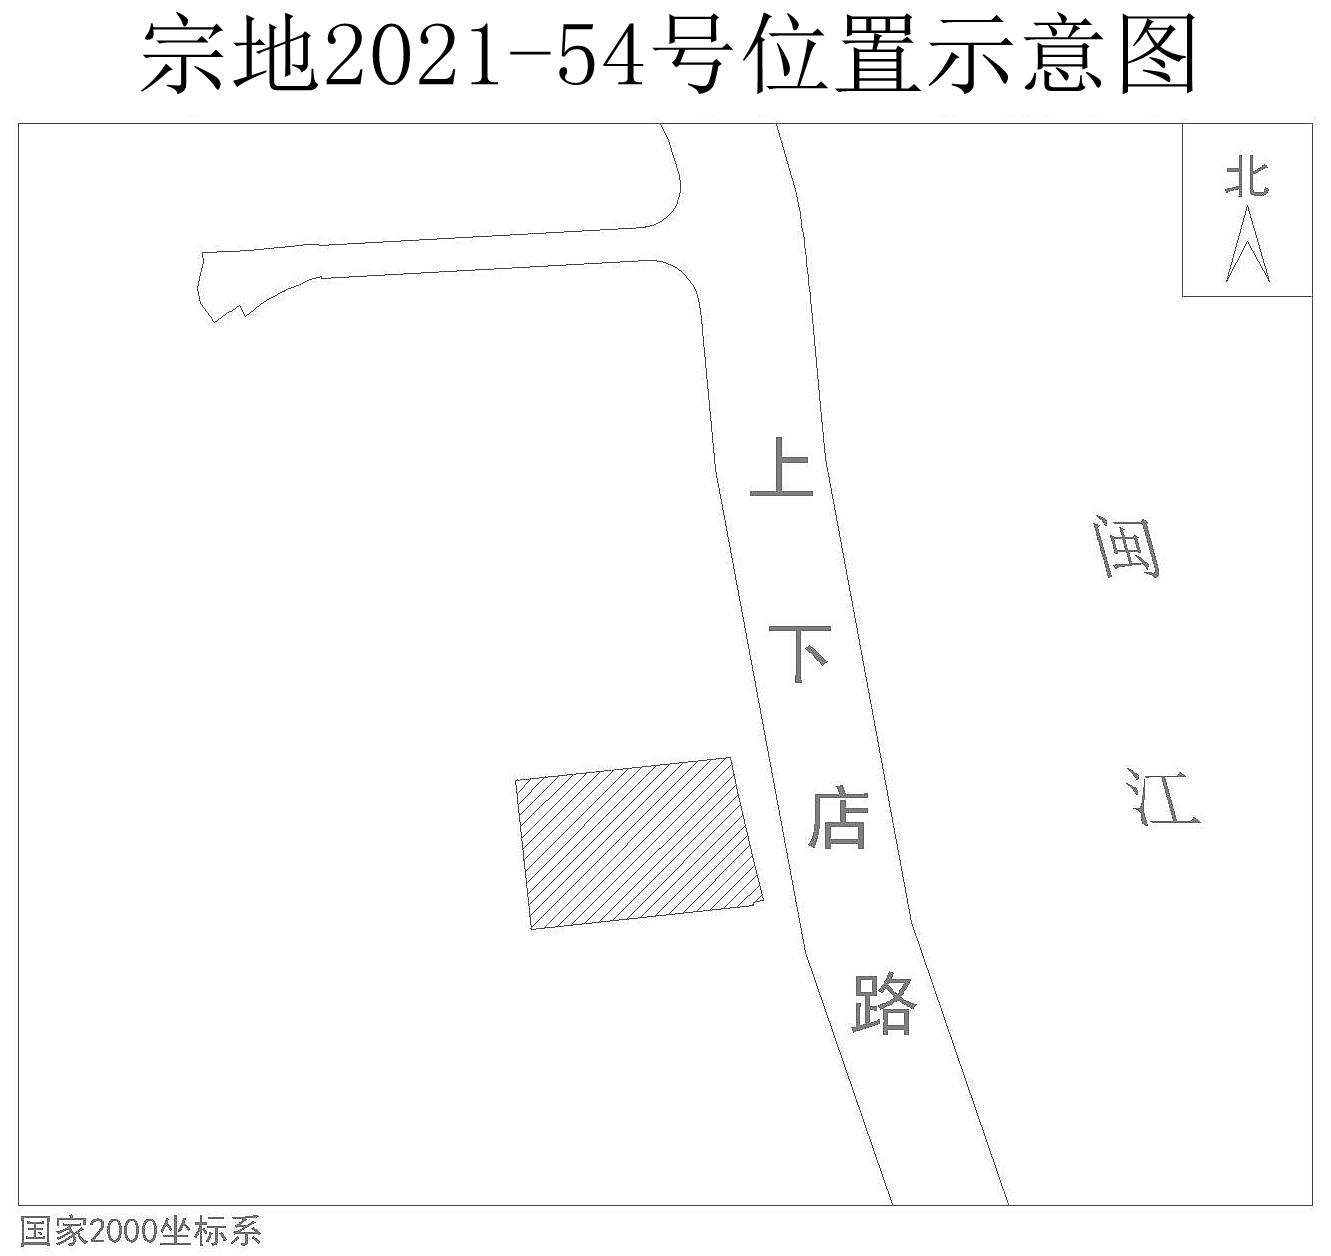 宗地2021-54号(公告)